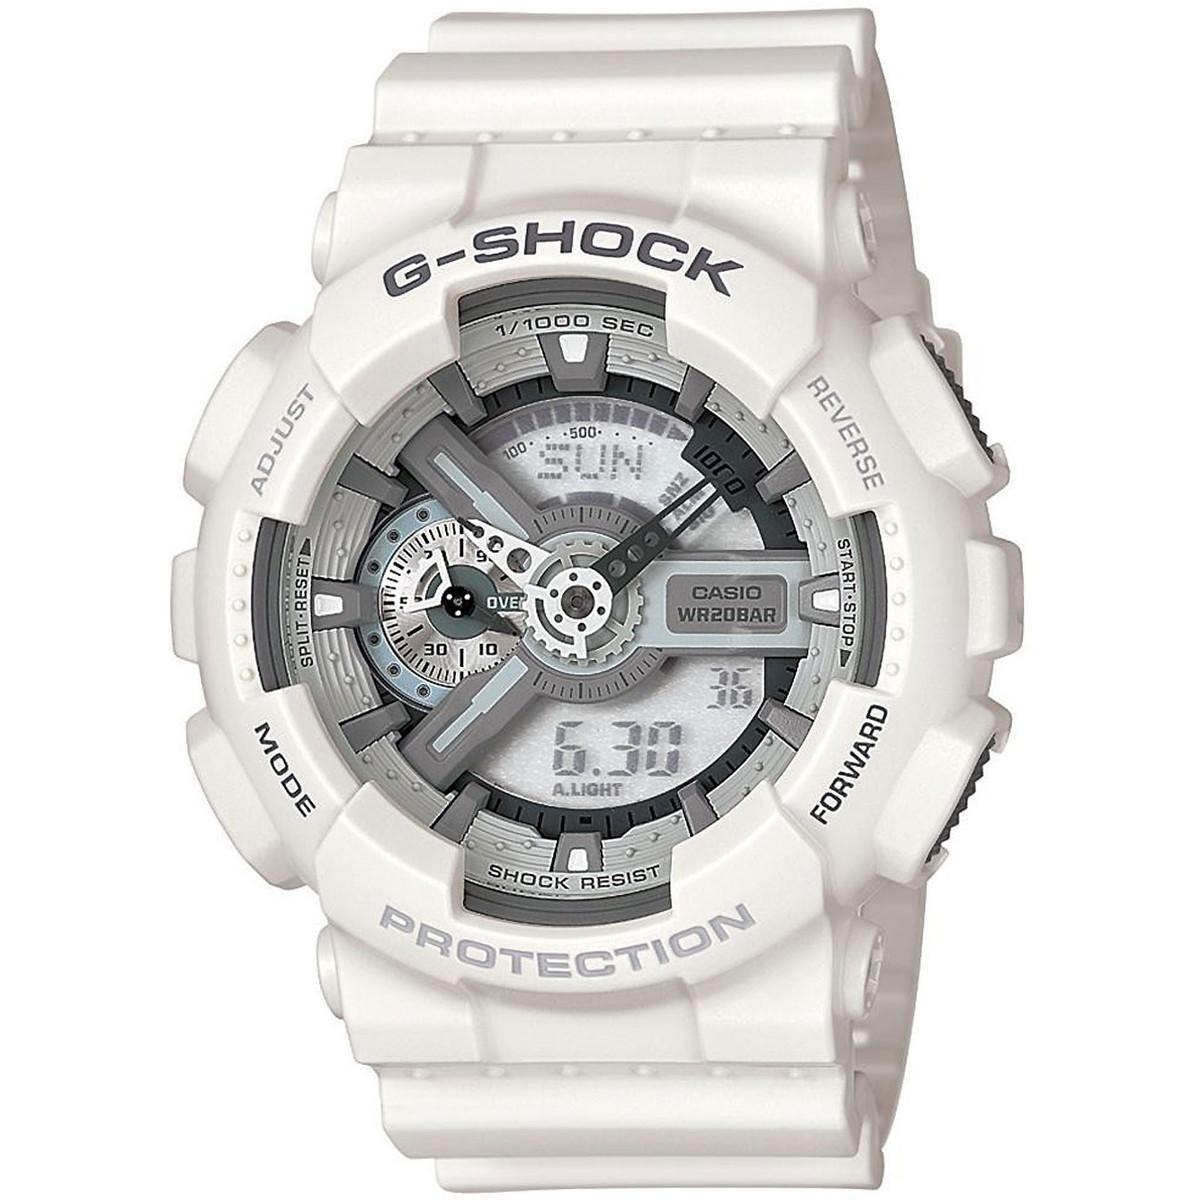 Ceas barbatesc Casio G-Shock GA-110C-7AER original de mana